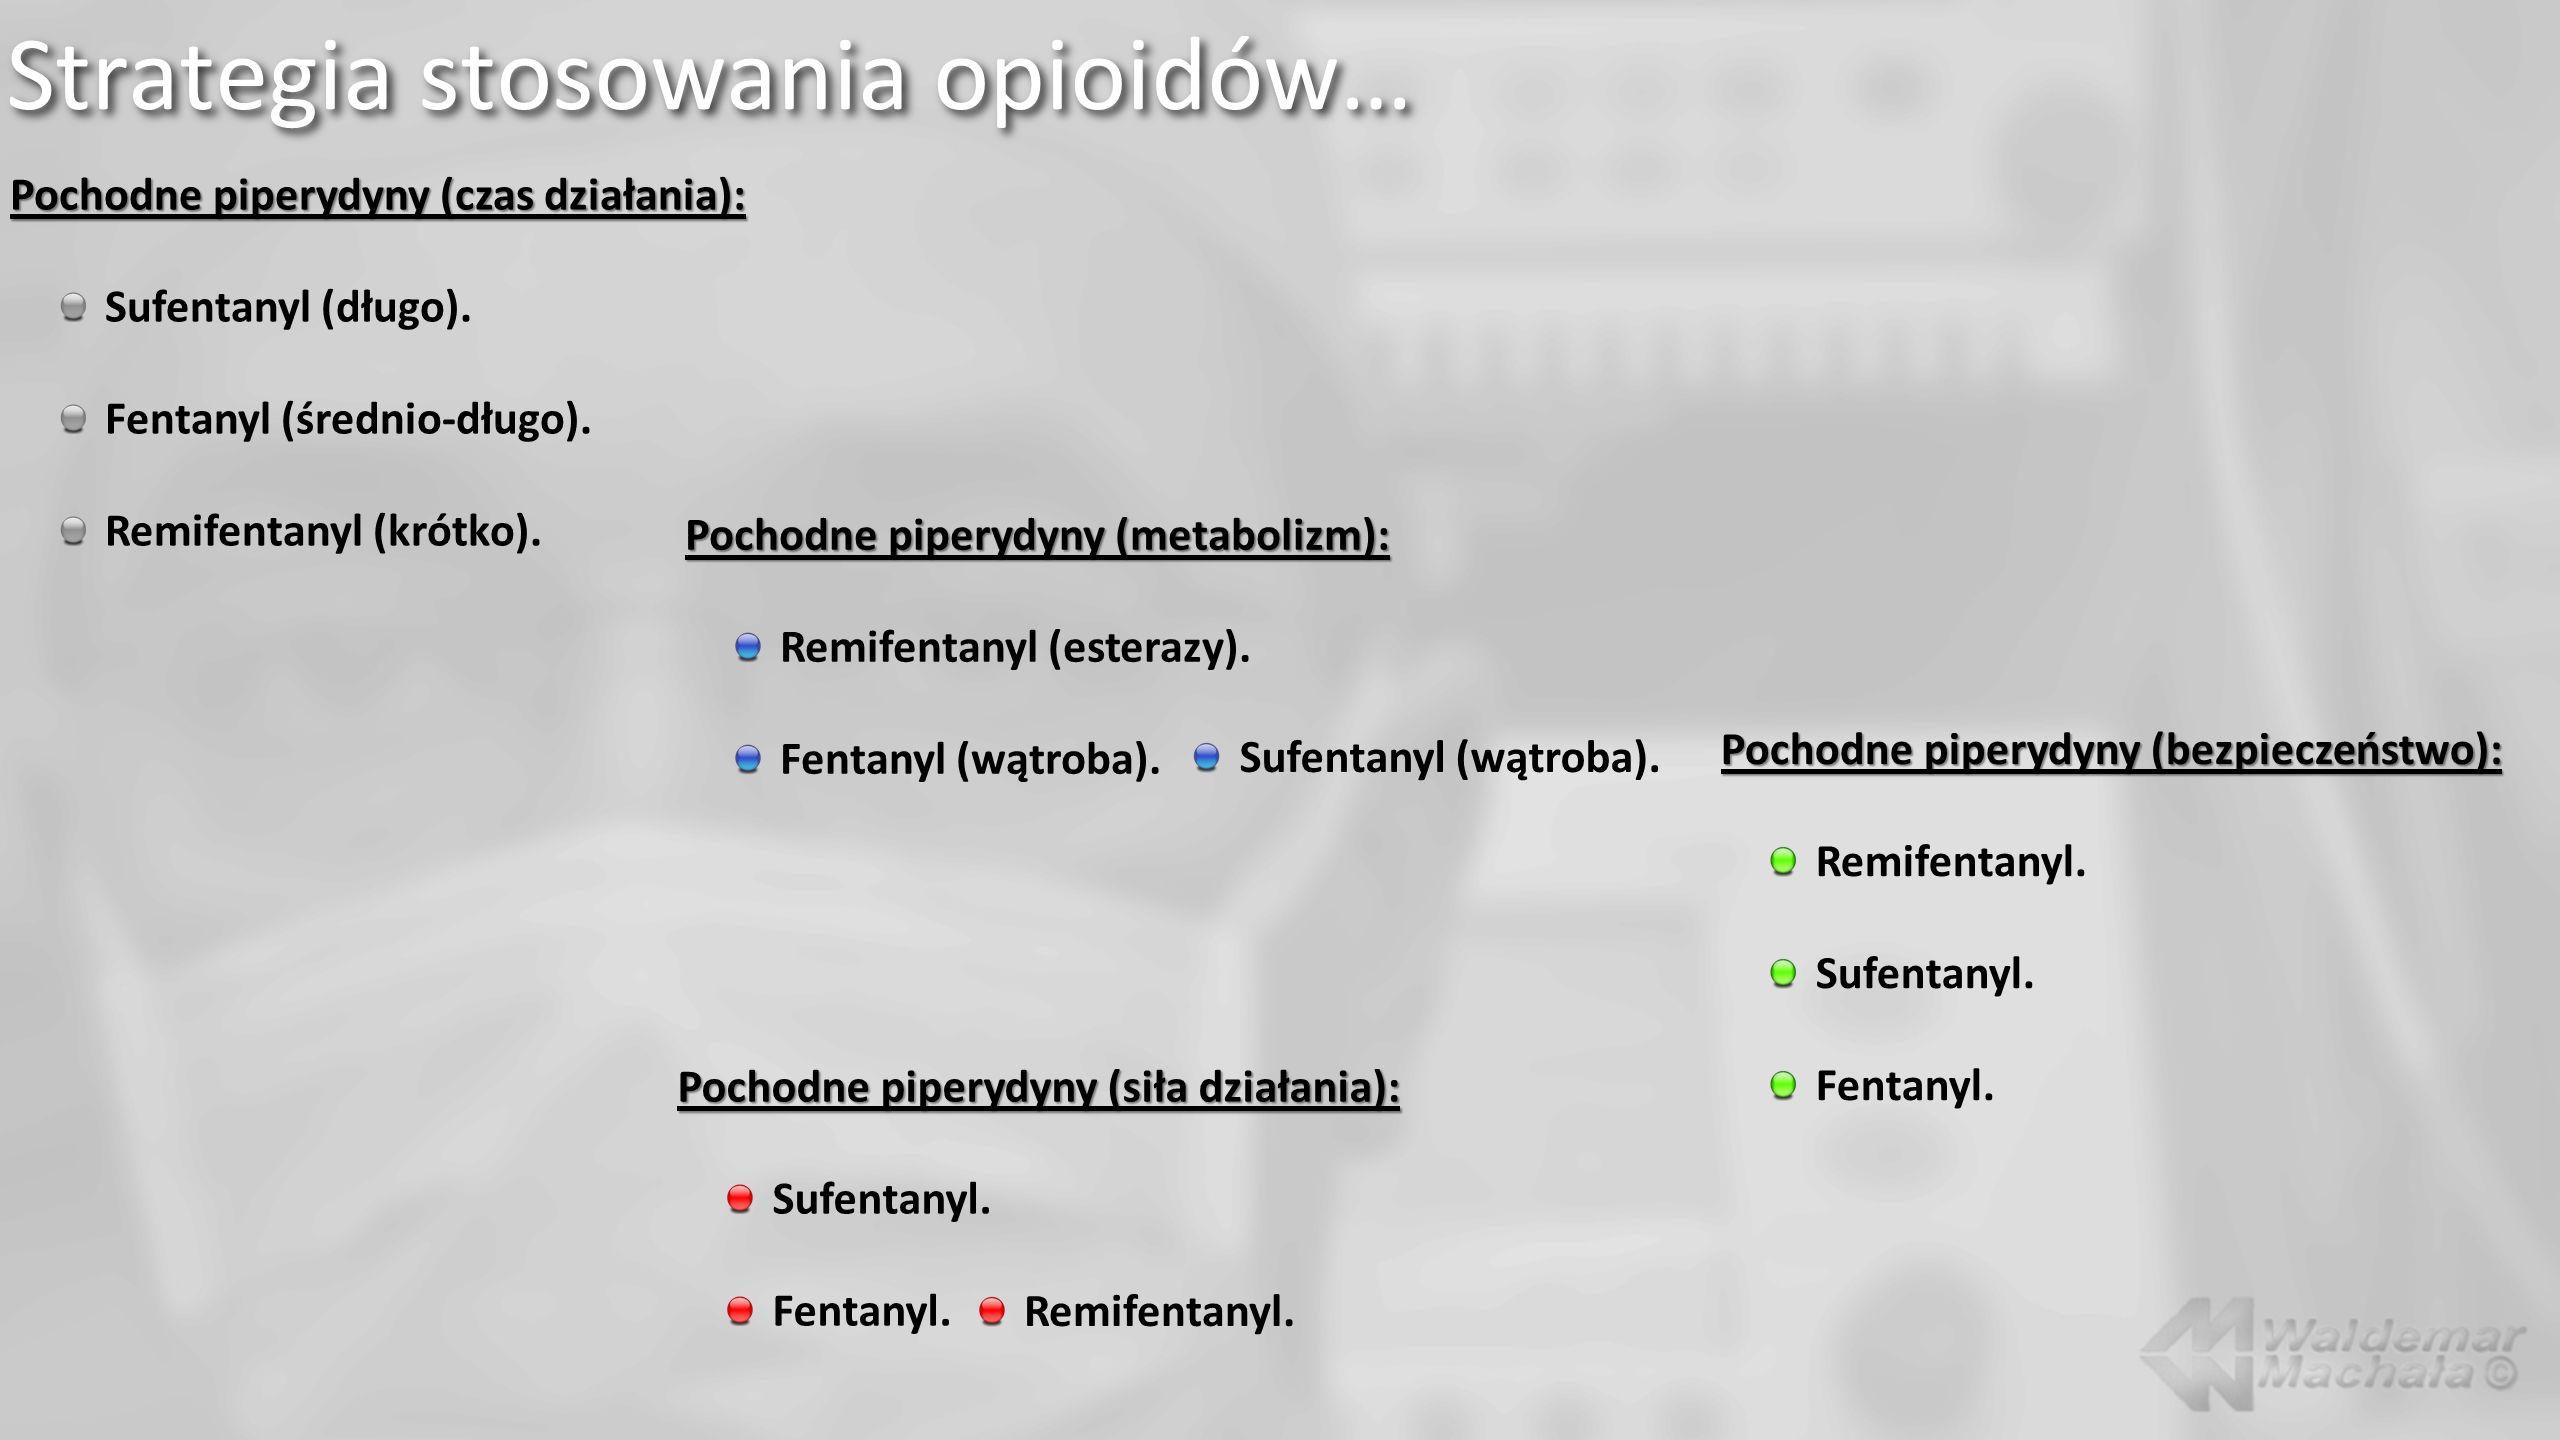 Pochodne piperydyny (czas działania): Sufentanyl (długo). Fentanyl (średnio-długo). Remifentanyl (krótko). Pochodne piperydyny (bezpieczeństwo): Remif